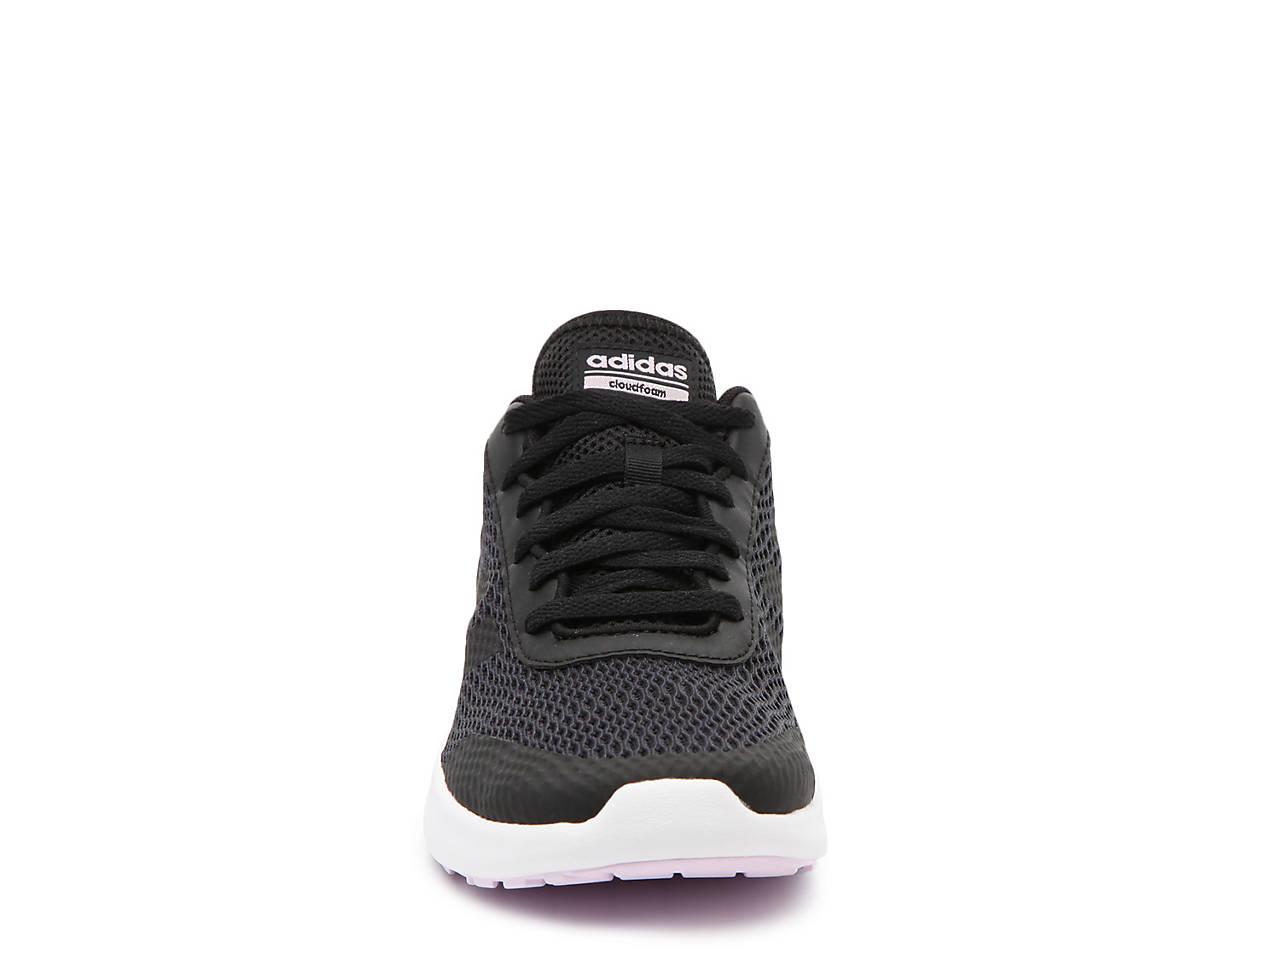 separation shoes d5860 982ae Element Race Sneaker - Women's